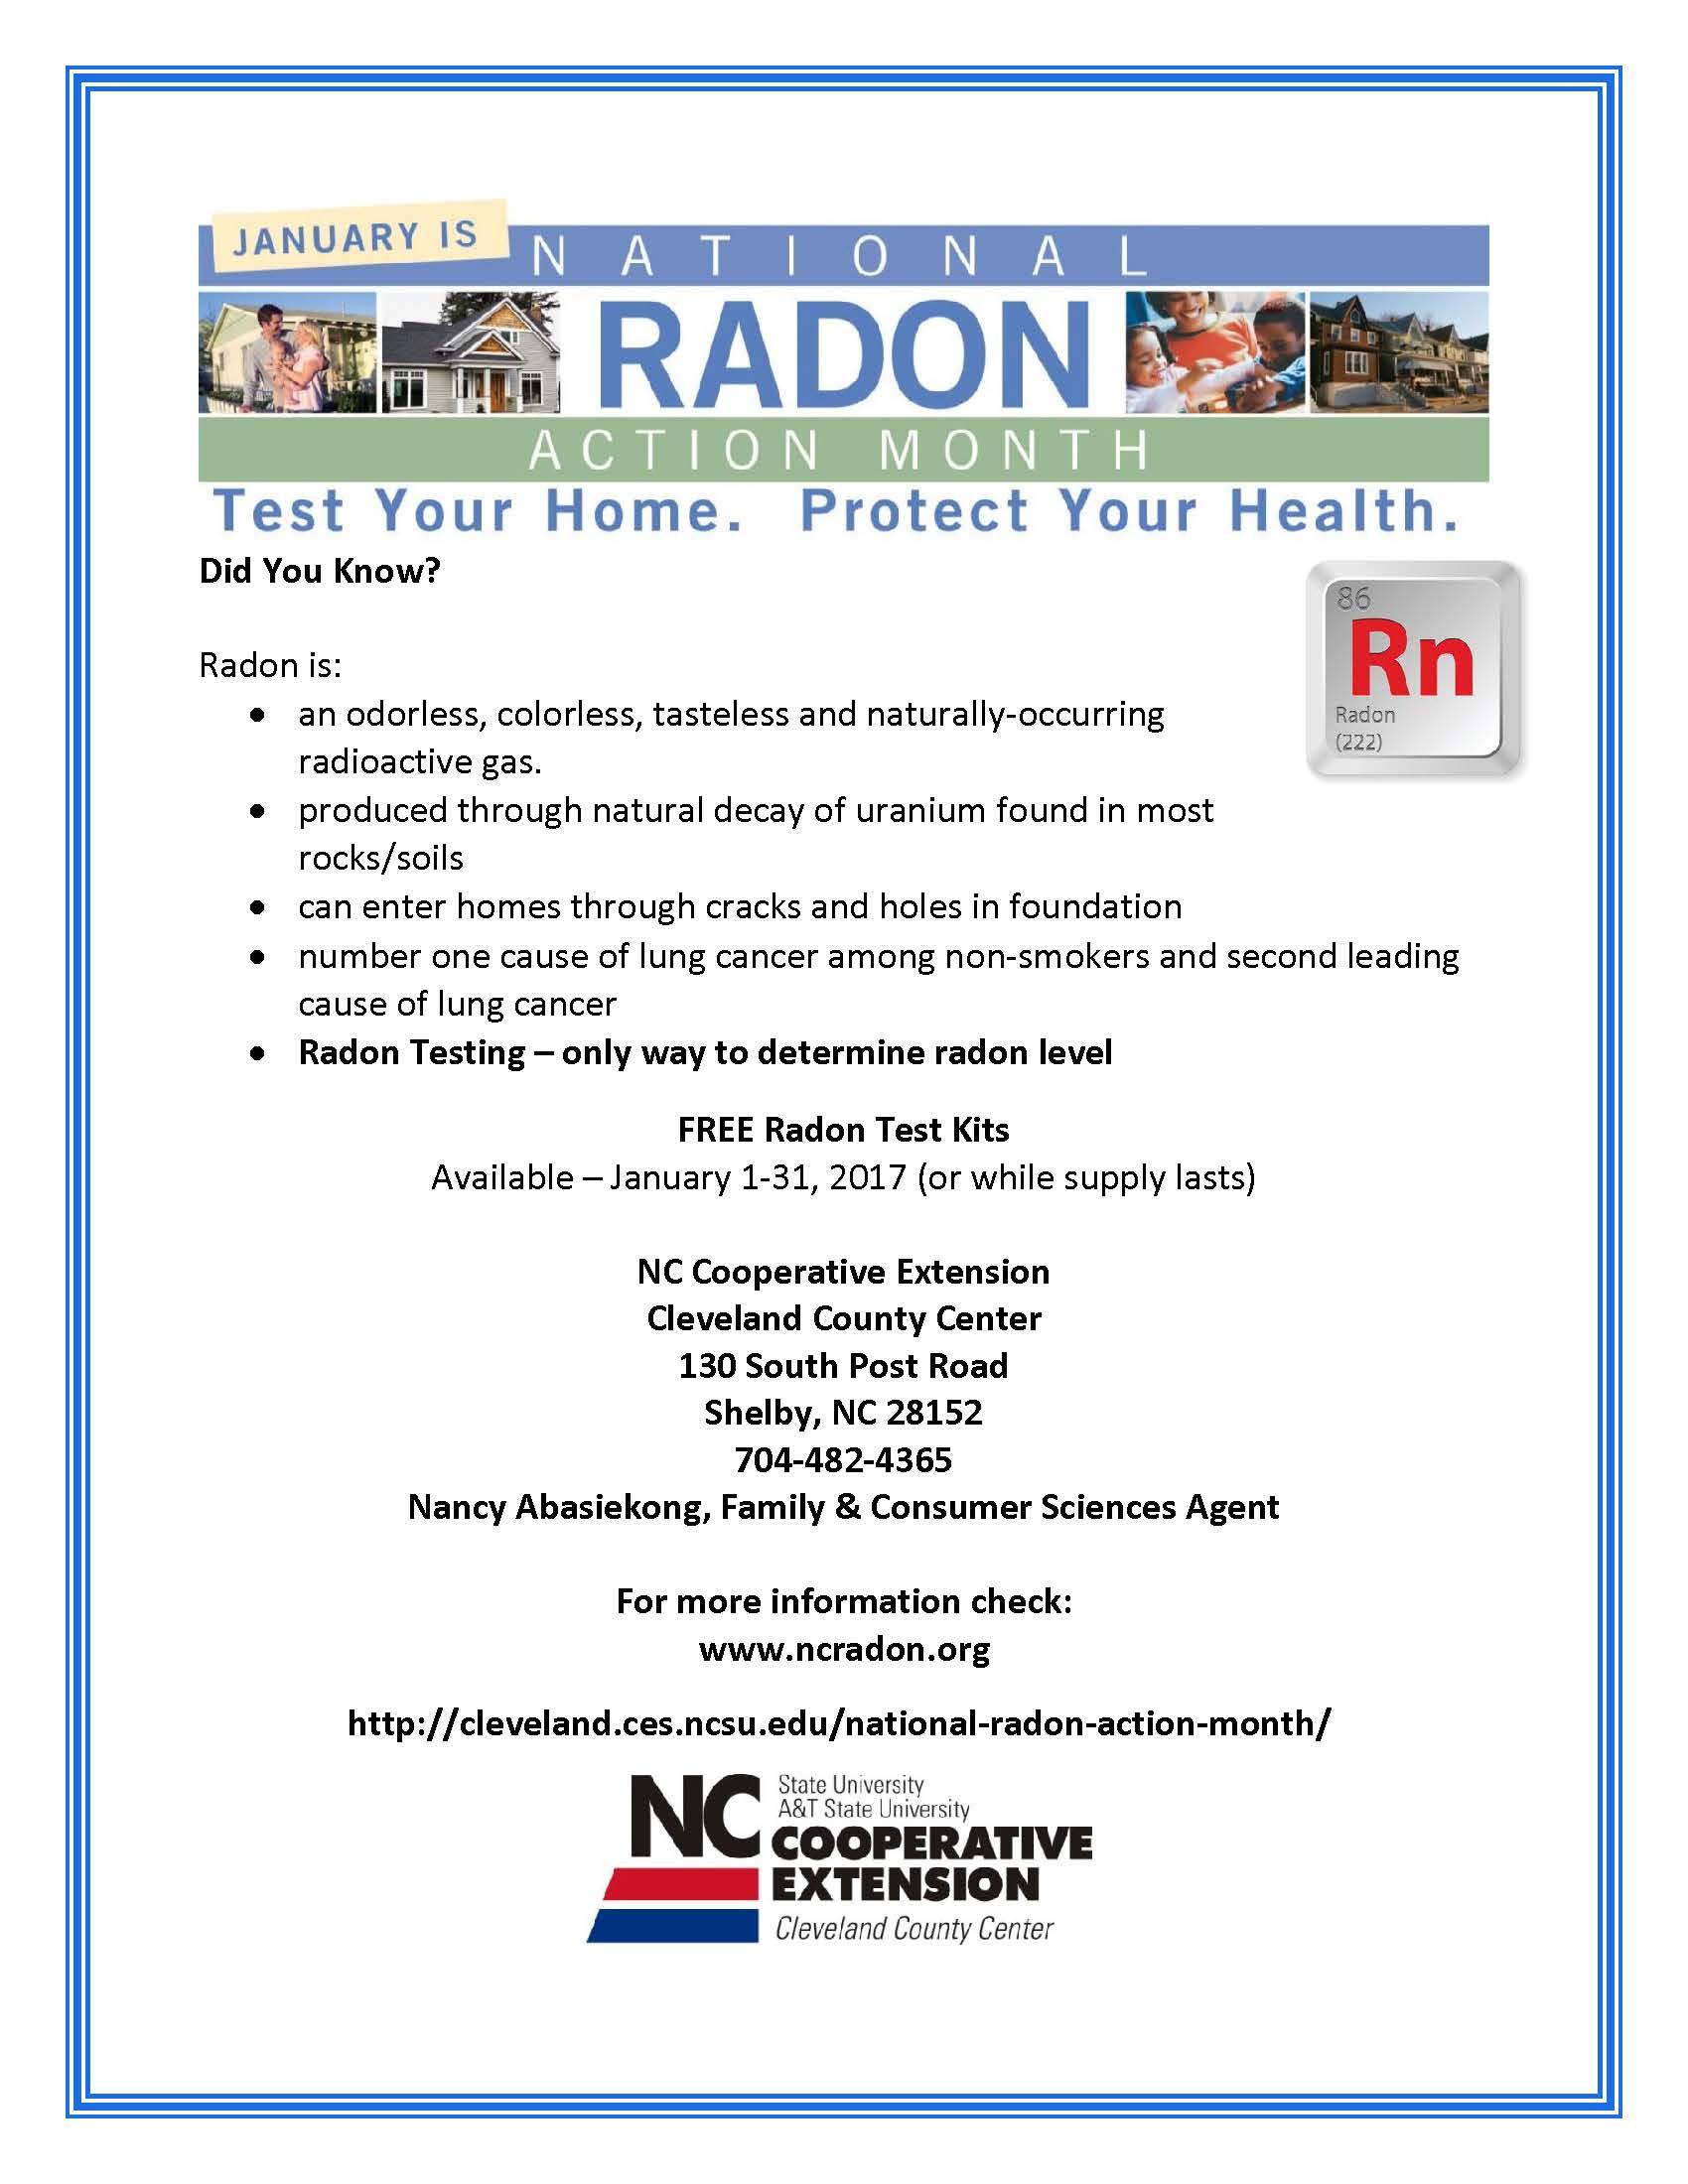 Radon Testing Poster 2017